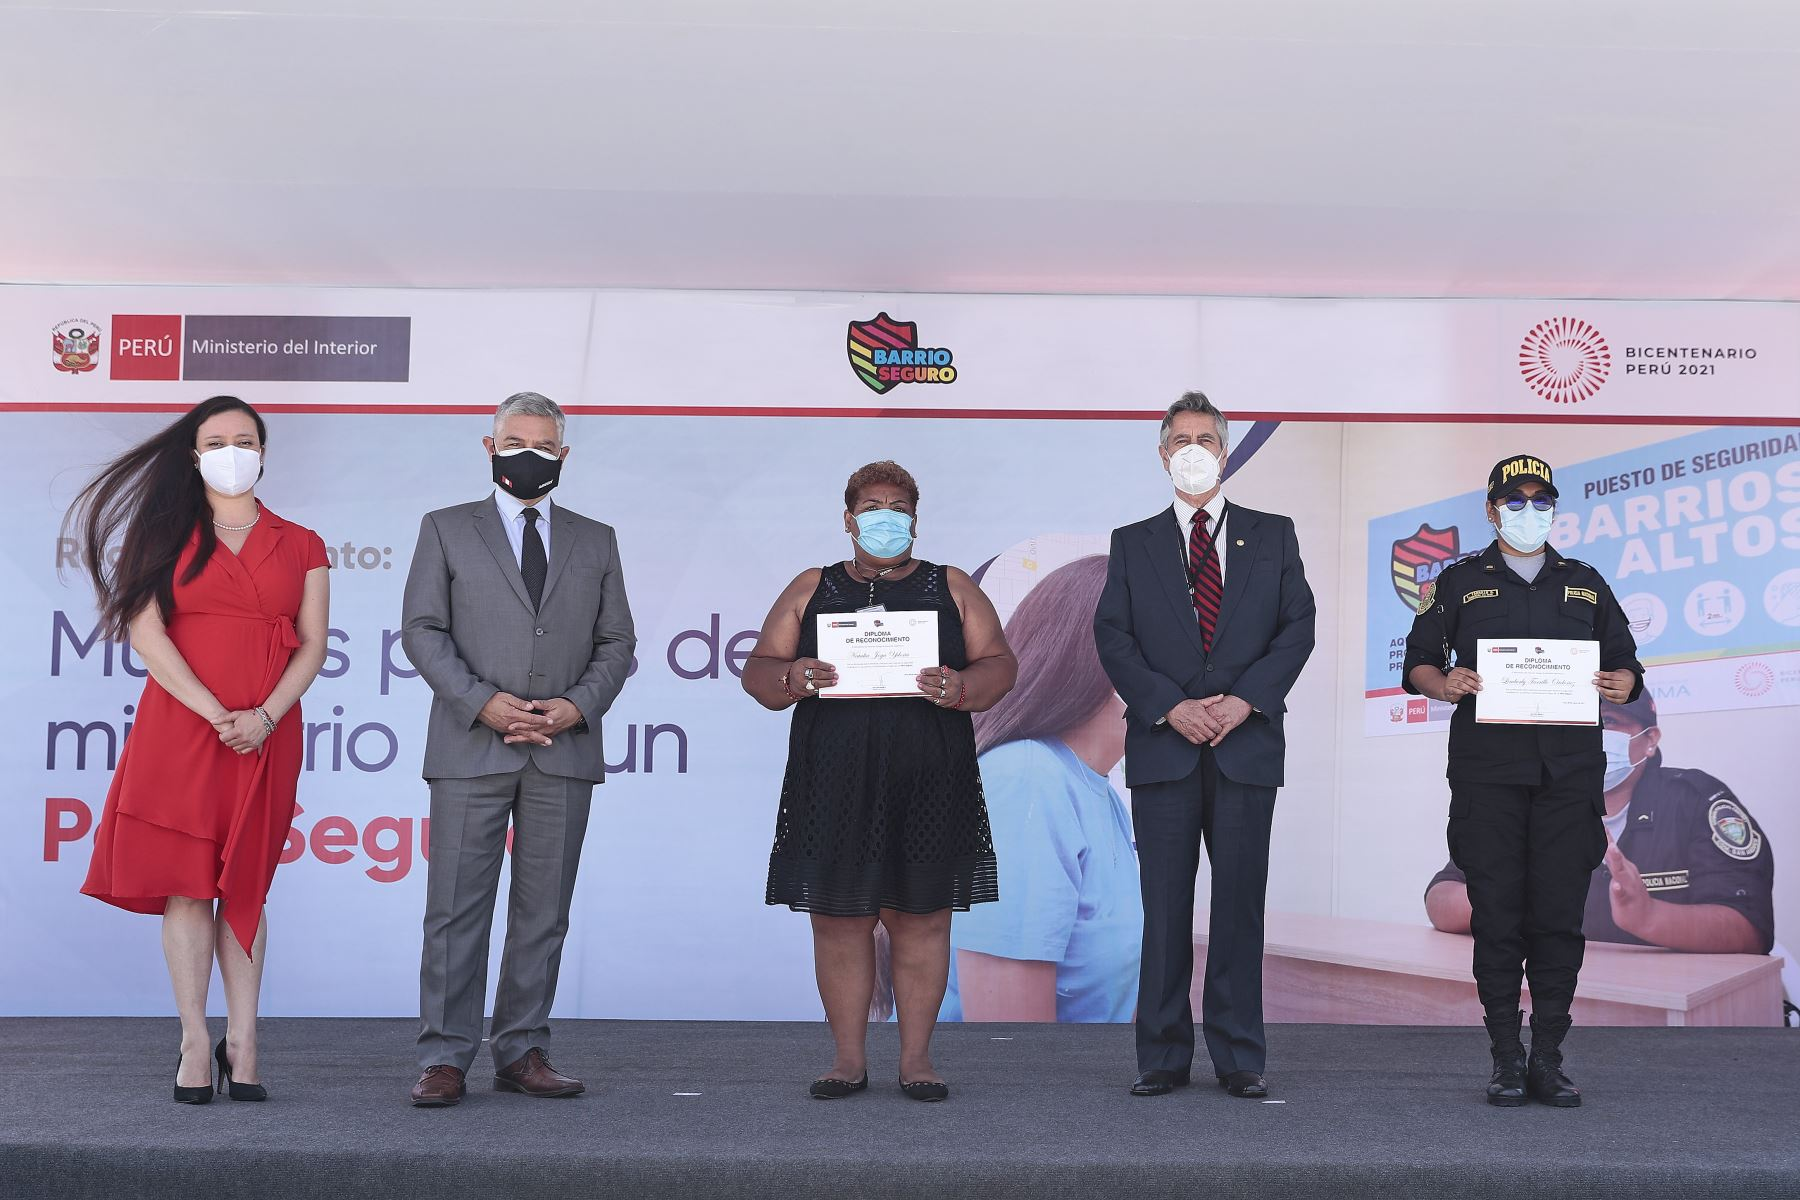 El Presidente Francisco Sagasti junto con el titular del Ministerio del Interior José Elice, encabezaron  la ceremonia de reconocimiento a las lideresas locales de las juntas vecinales de seguridad ciudadana y a mujeres policías comunitarias.Foto: ANDINA/ Prensa Presidencia